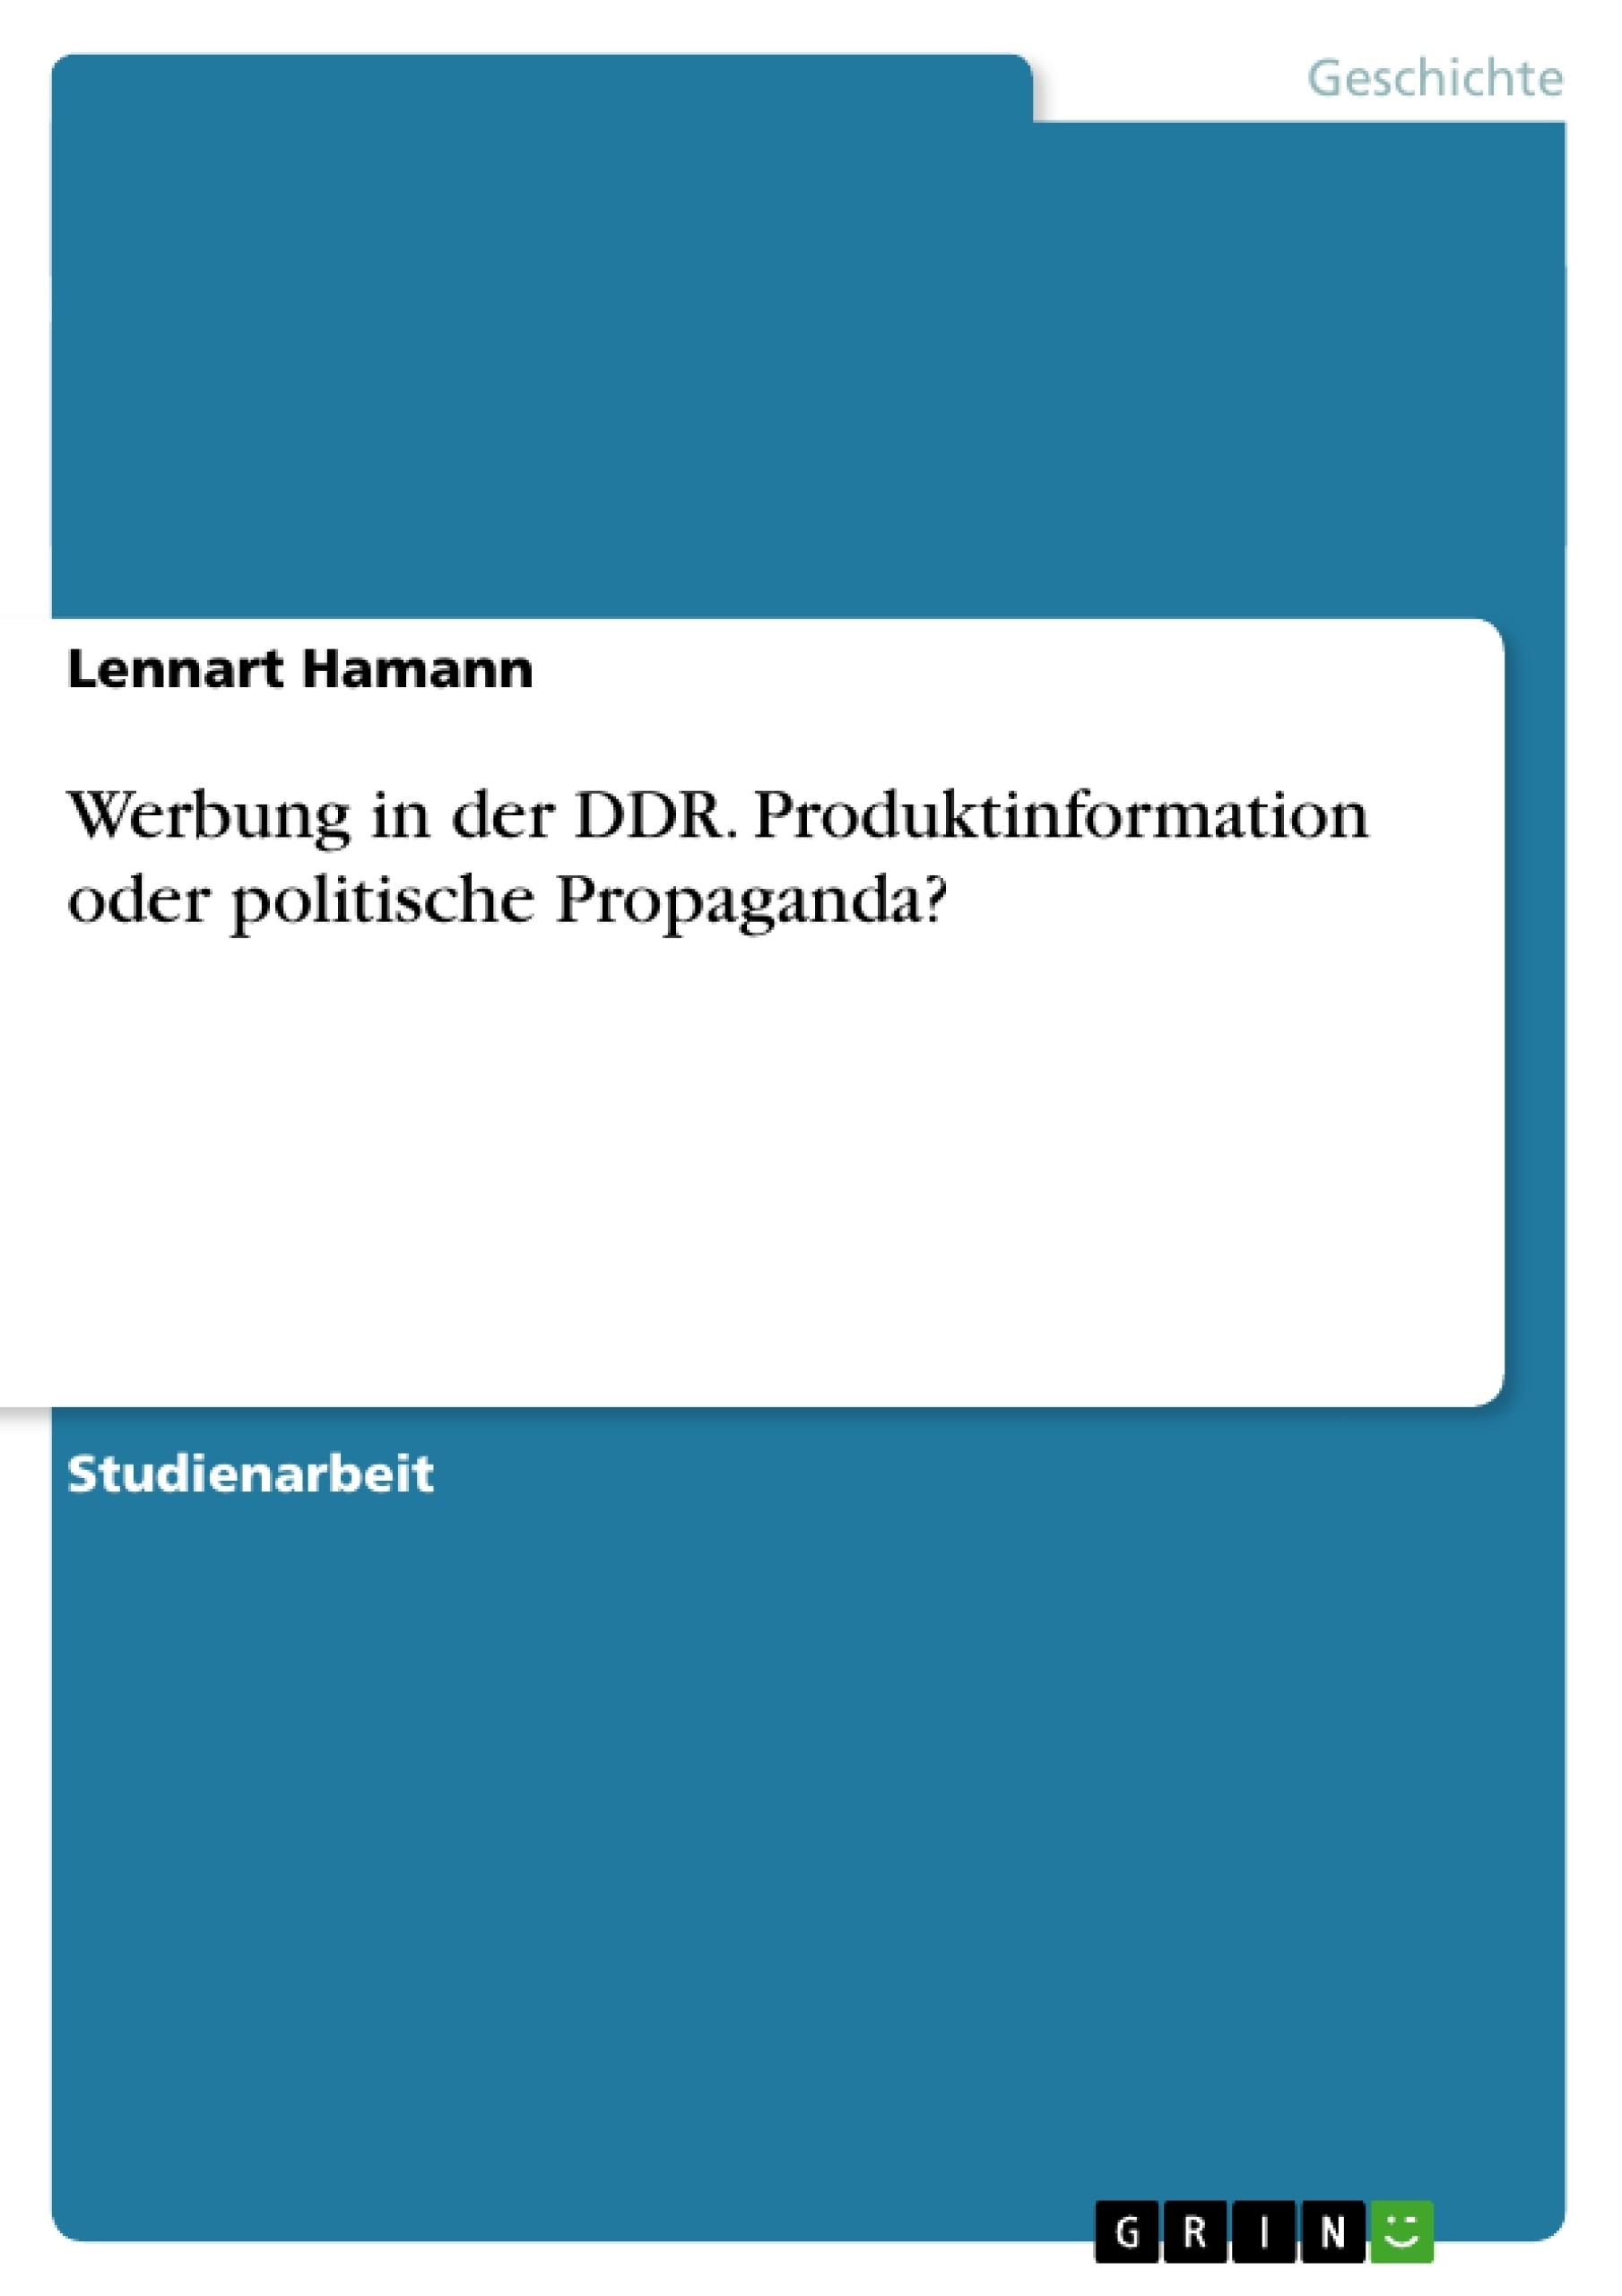 Titel: Werbung in der DDR. Produktinformation oder politische Propaganda?